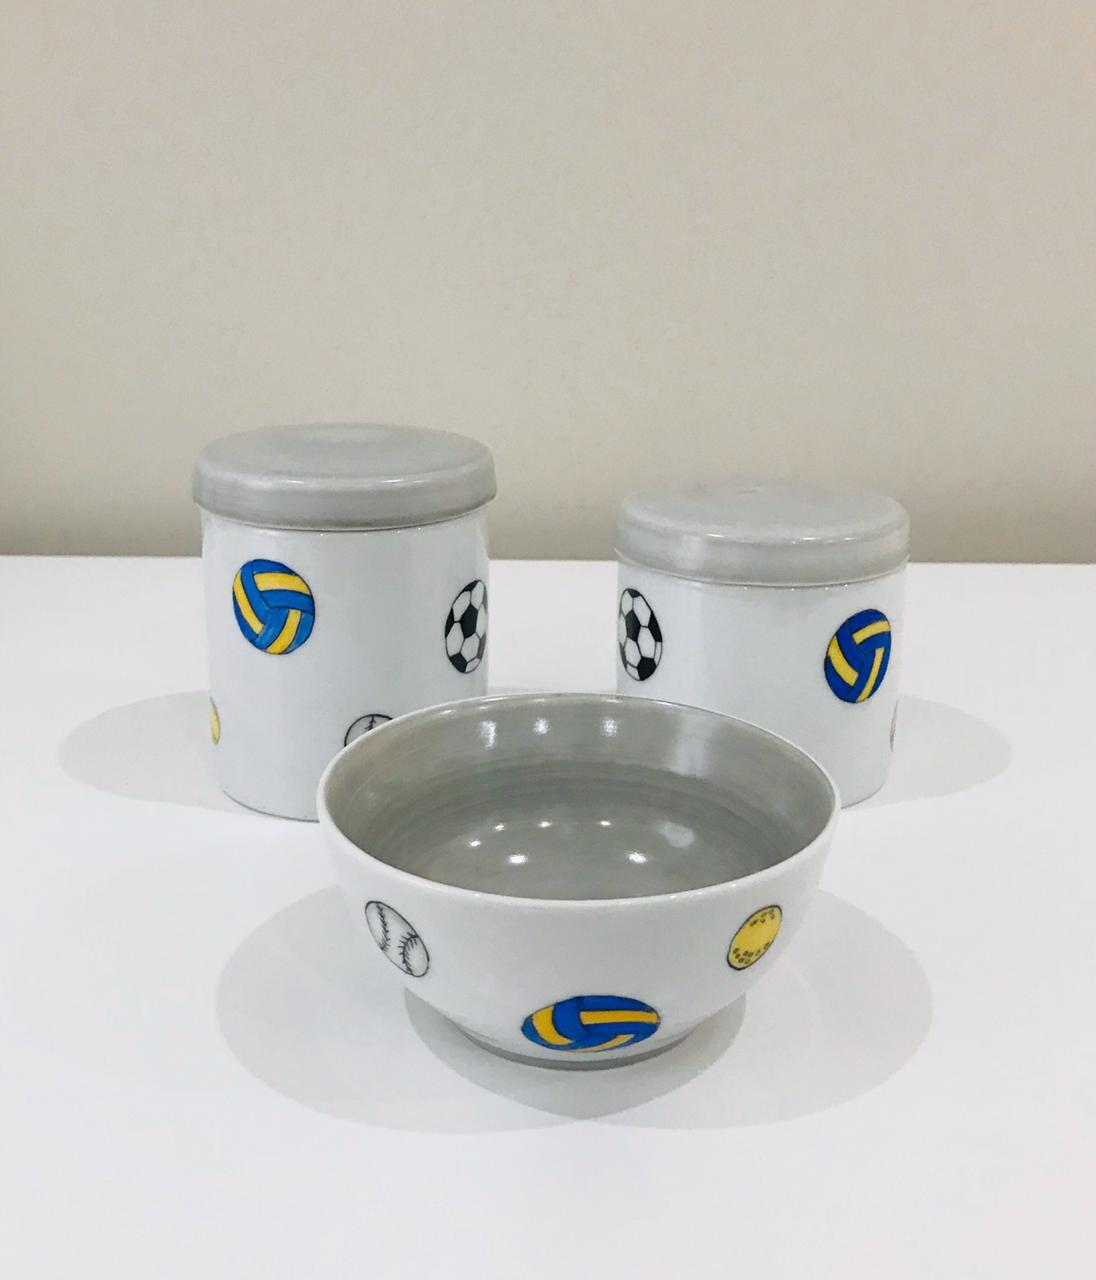 Kit de Higiene Esporte Branco com Cinza - 3 Peças